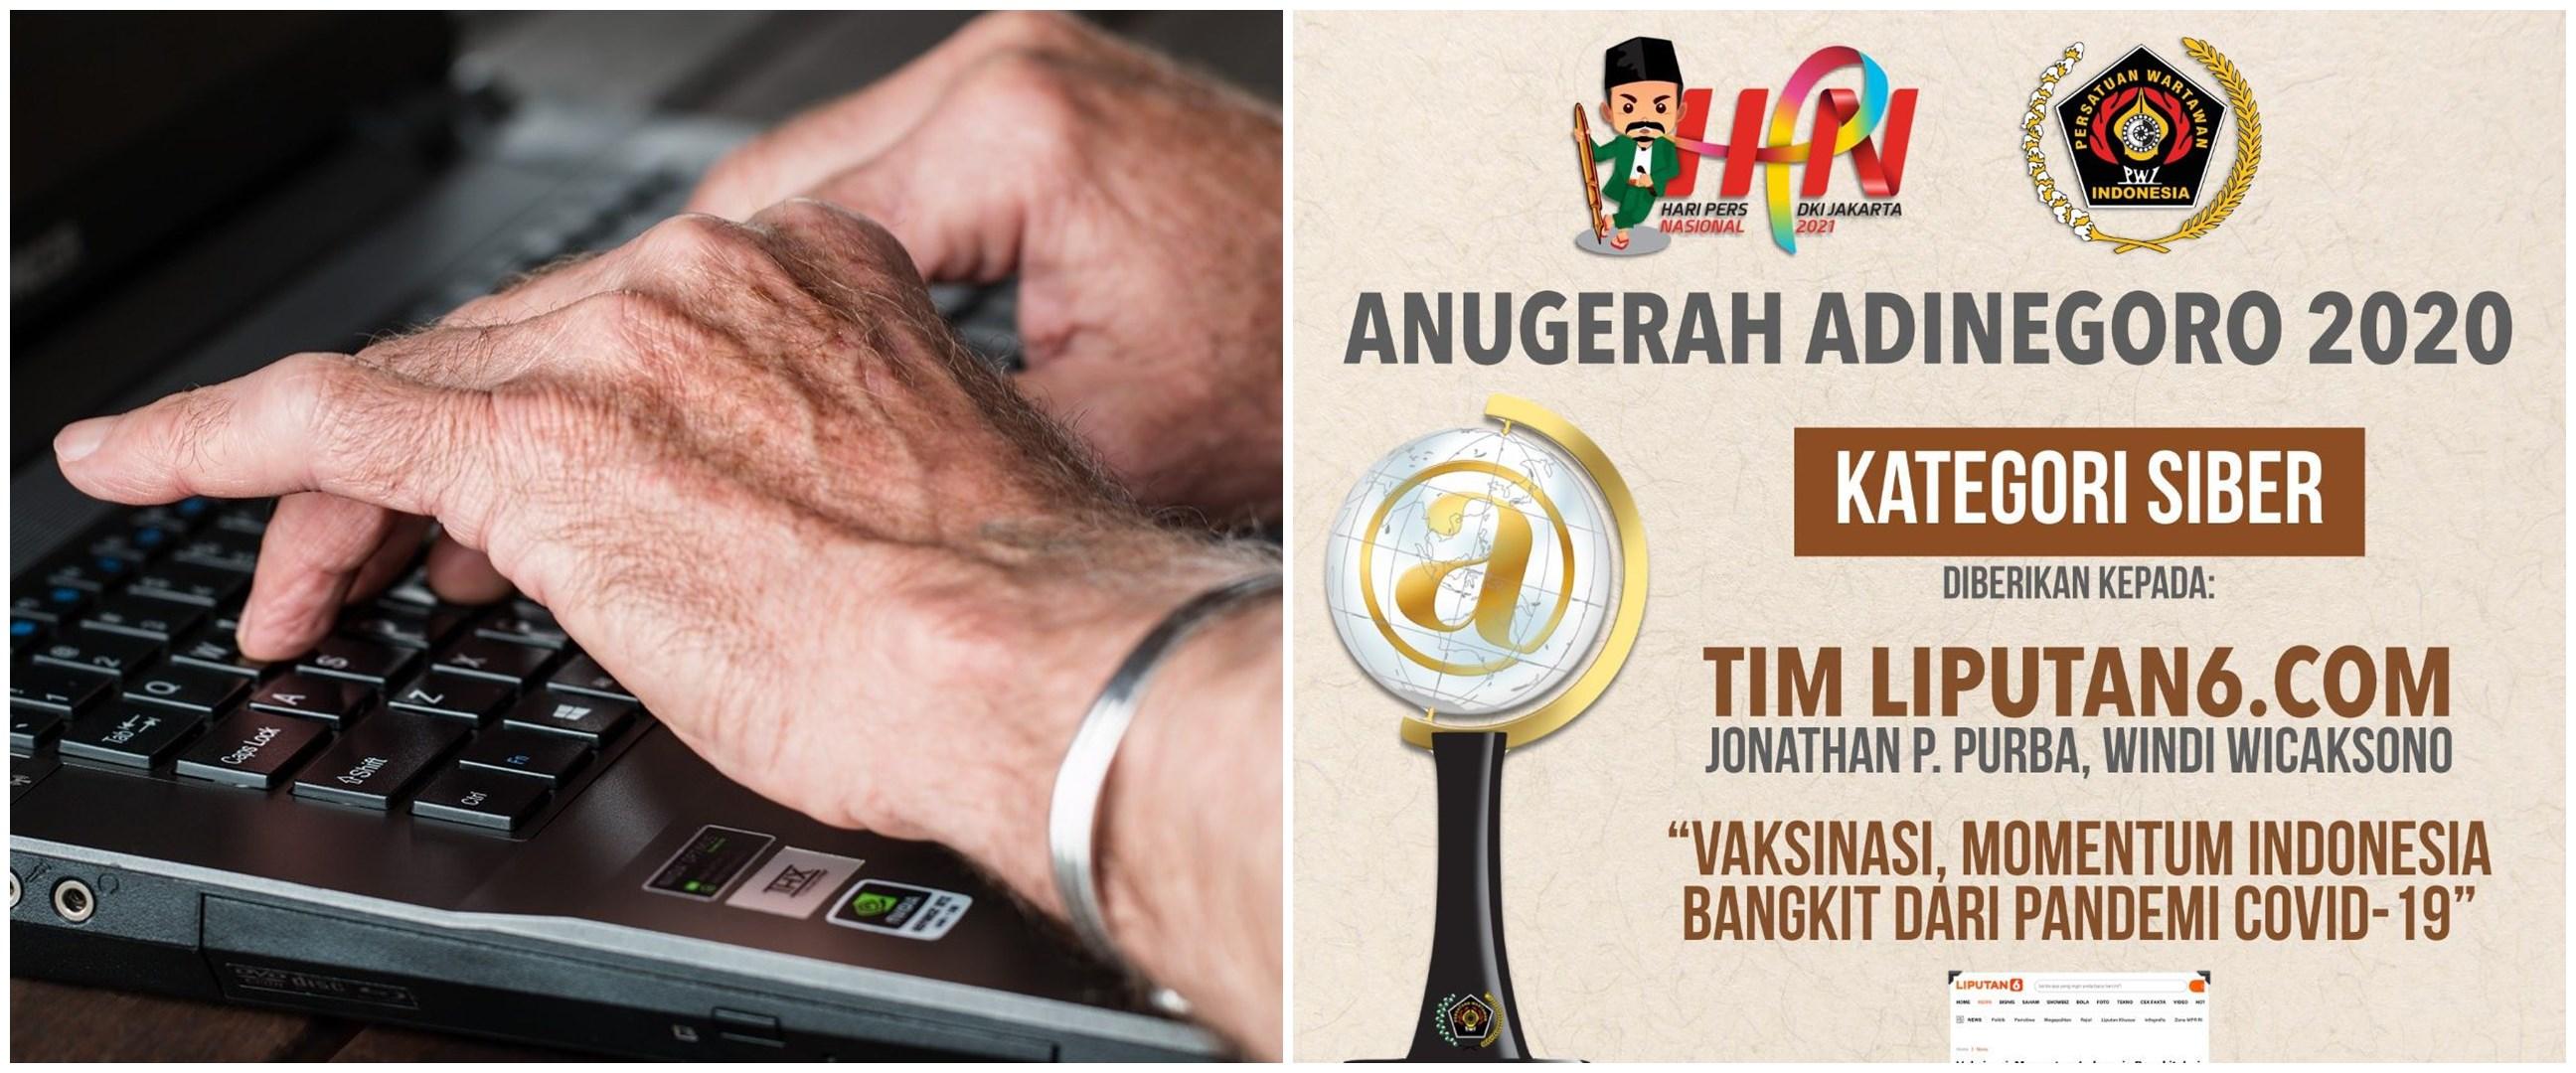 Liputan6.com raih Anugerah Jurnalistik Adinegoro 2020